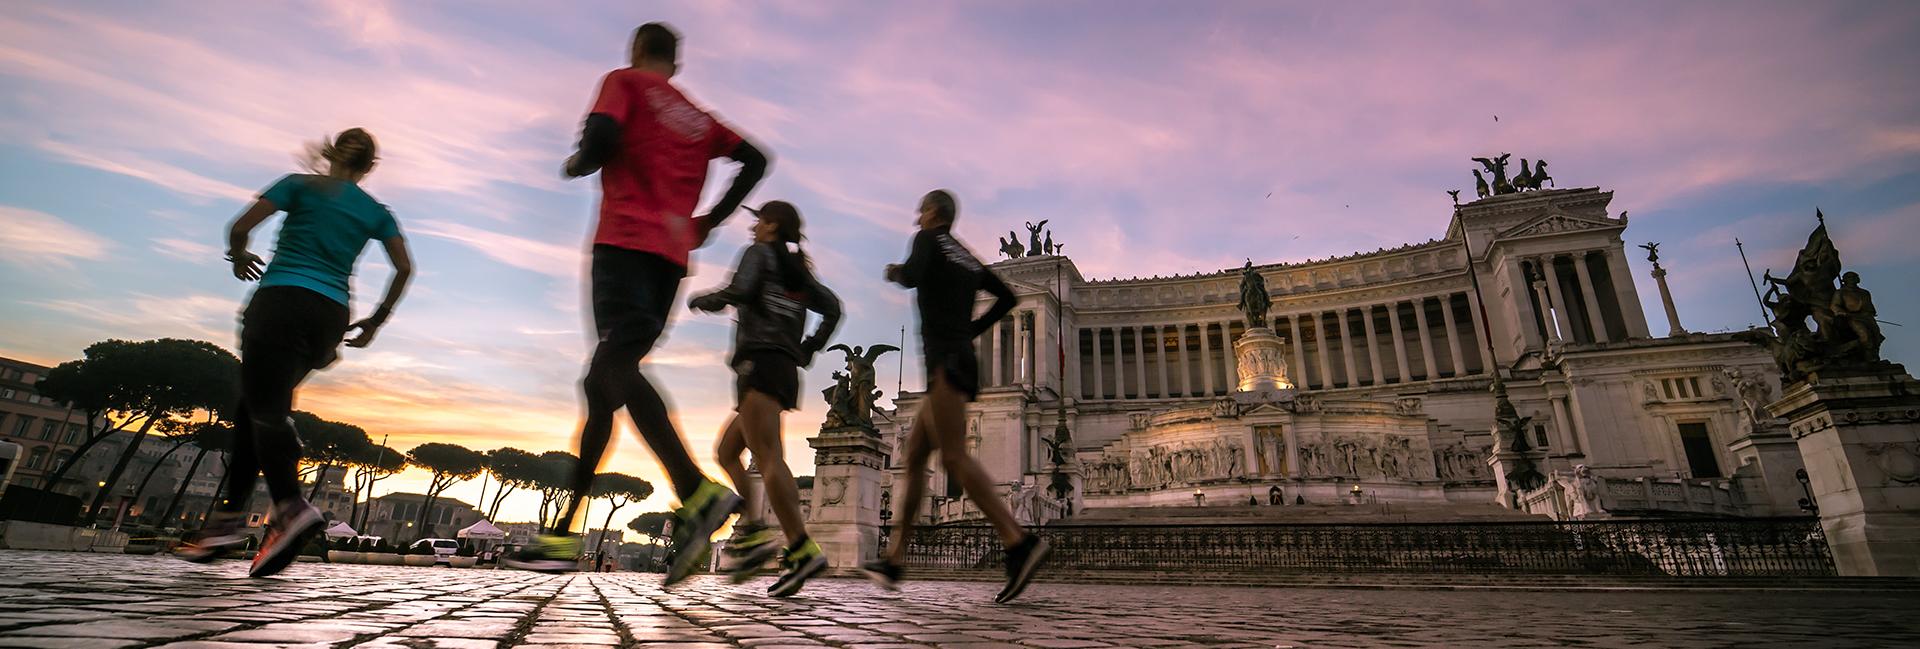 Acea Run4Rome…la maratona si fa in 4 per solidarietà